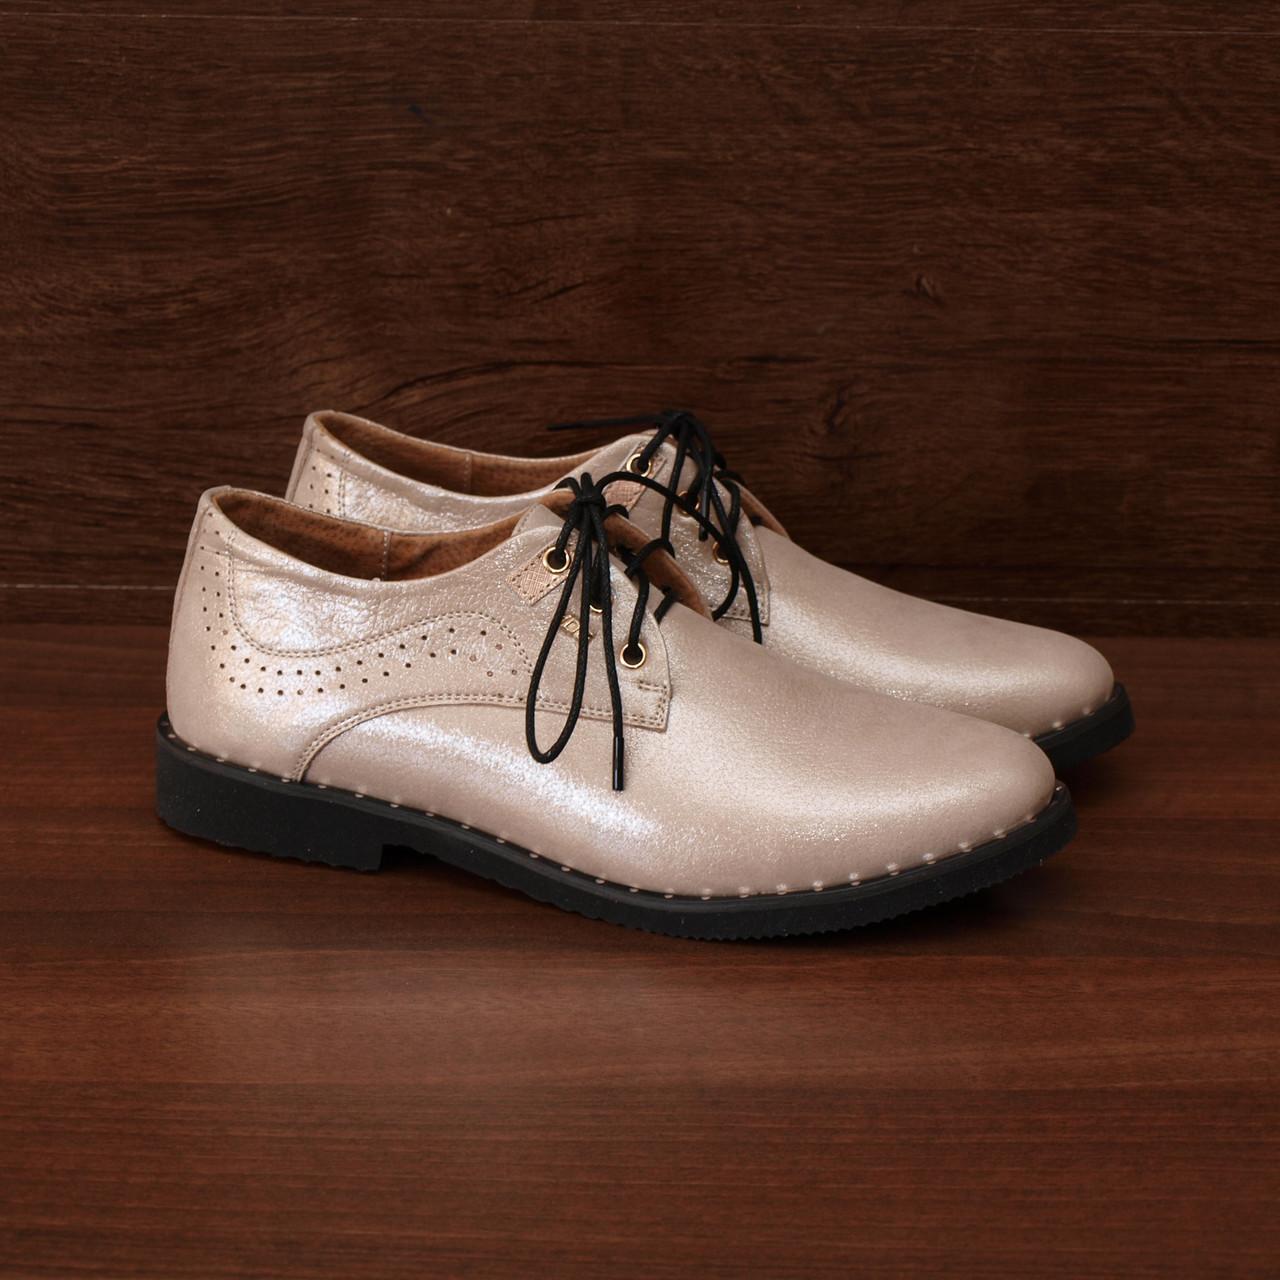 Женские туфли оксфорды на шнурках кожаные пудра